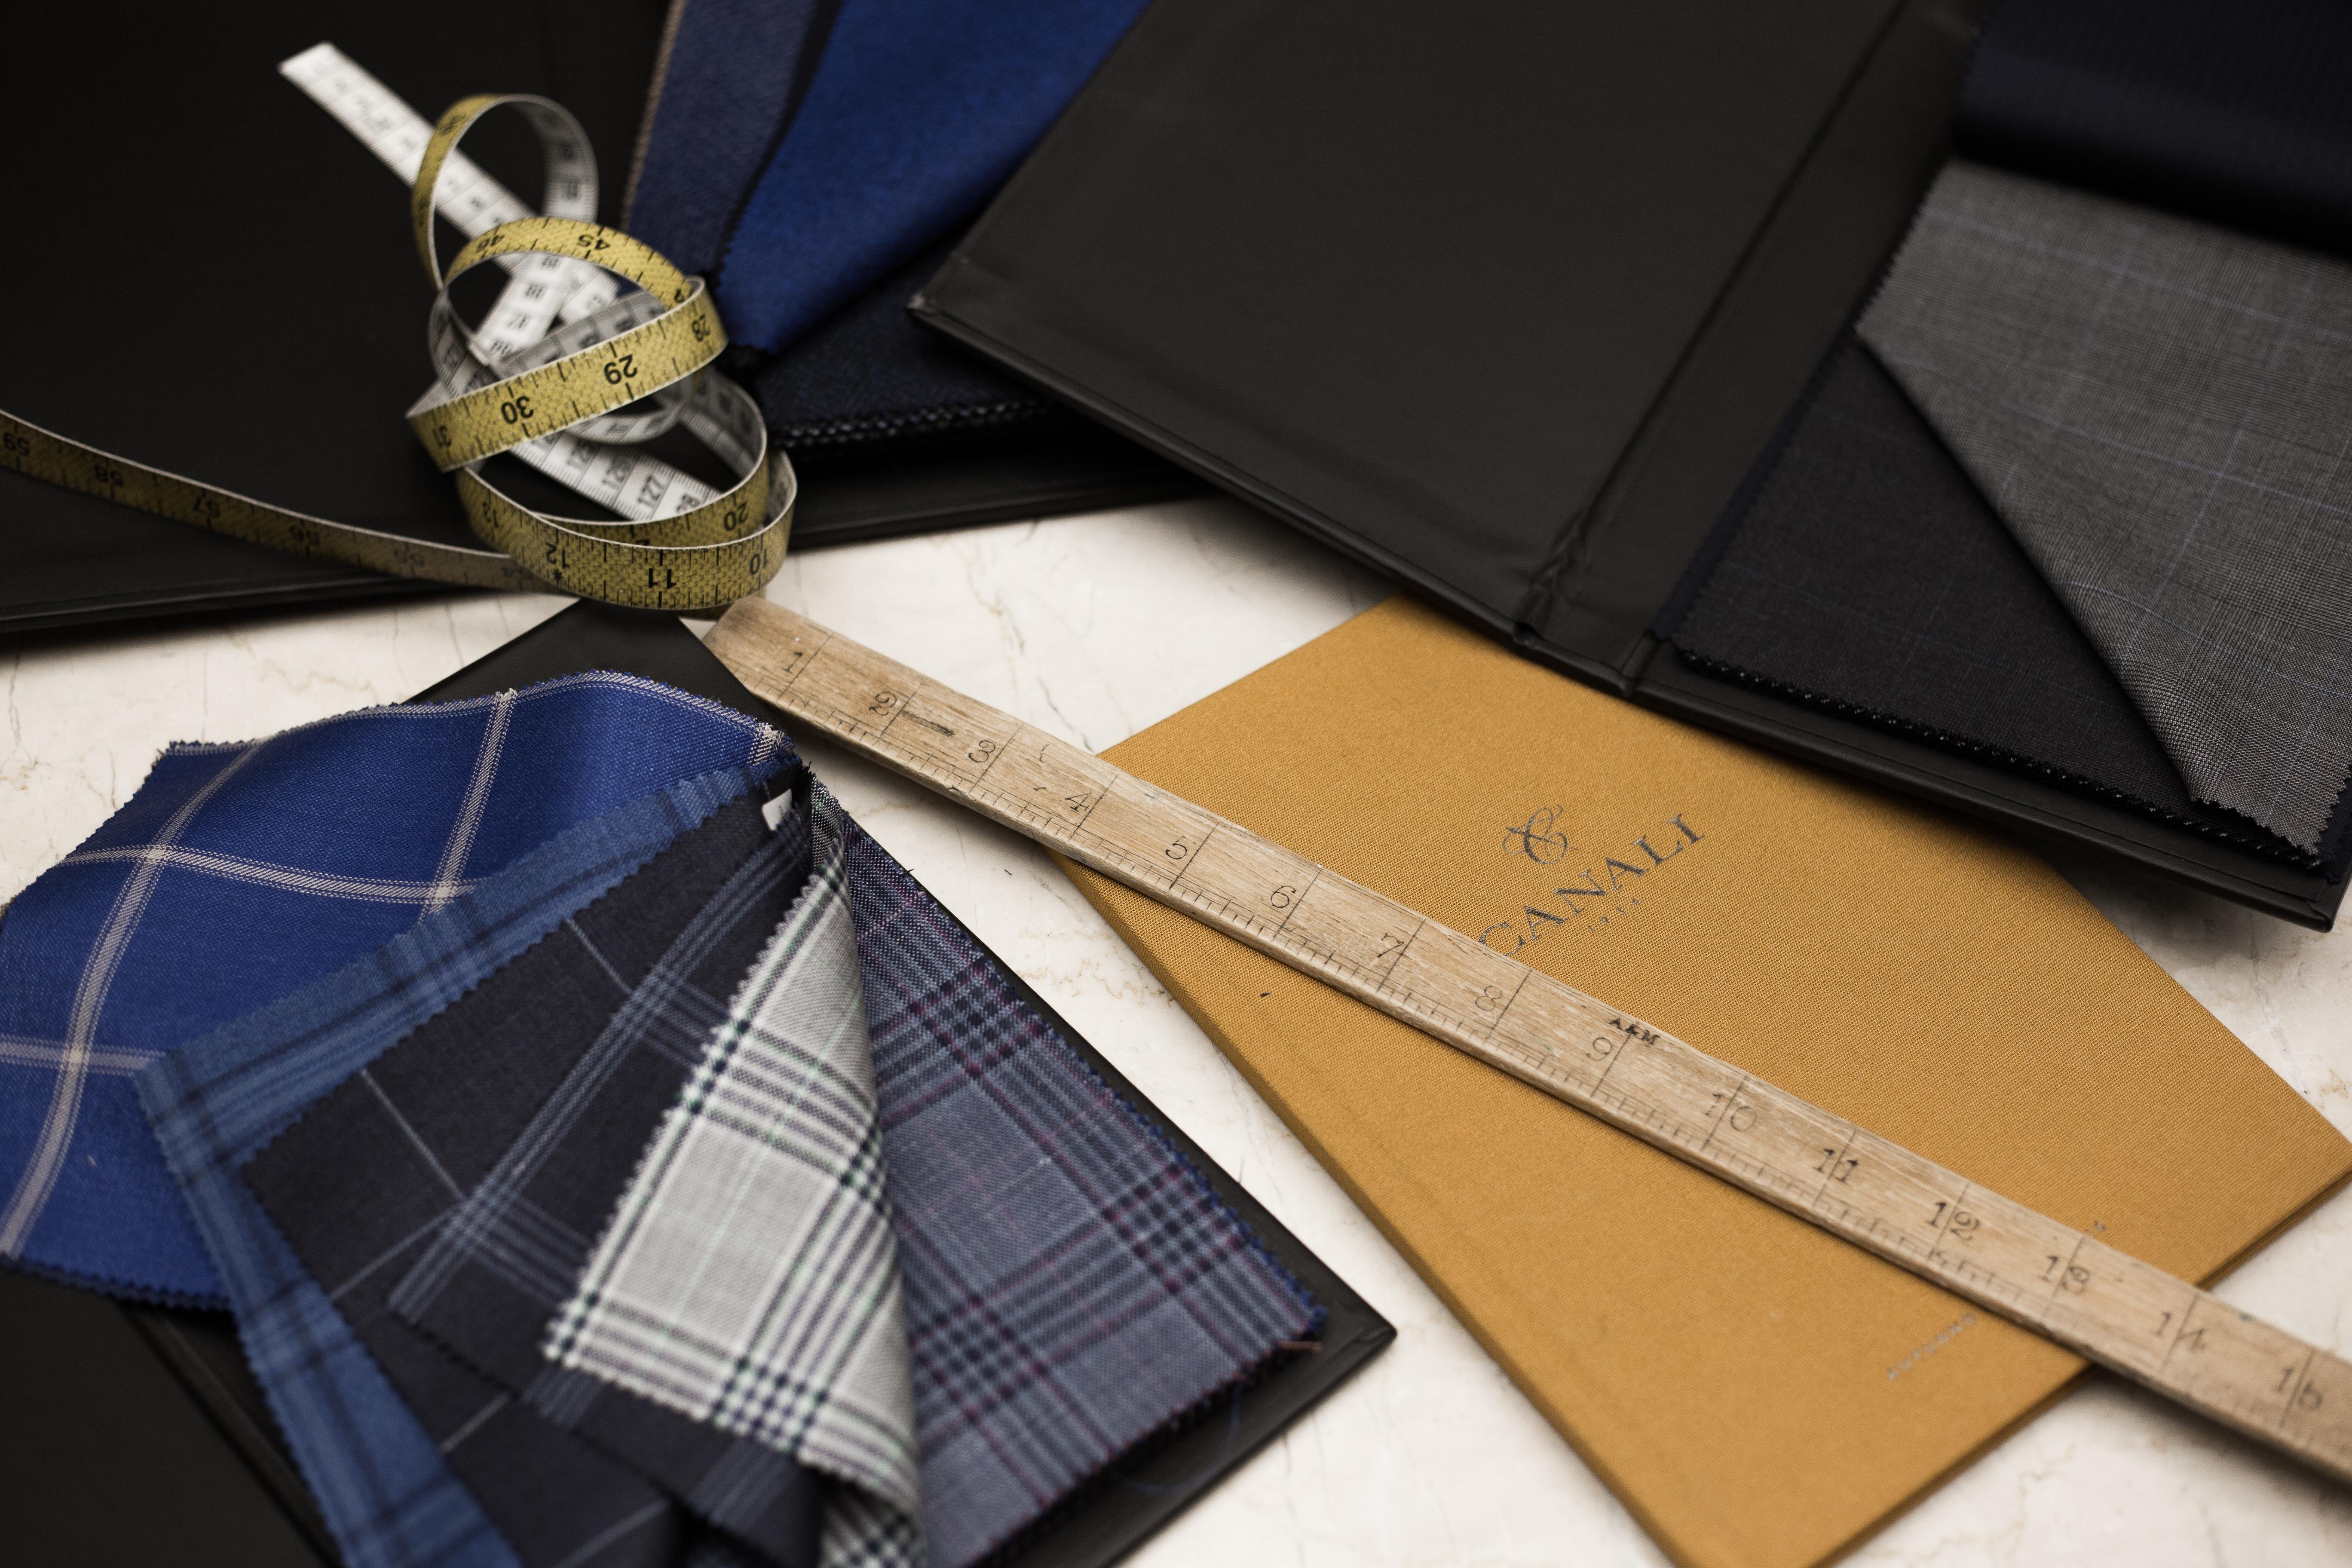 Canali suits London - Richard Gelding, Canali suit retailer